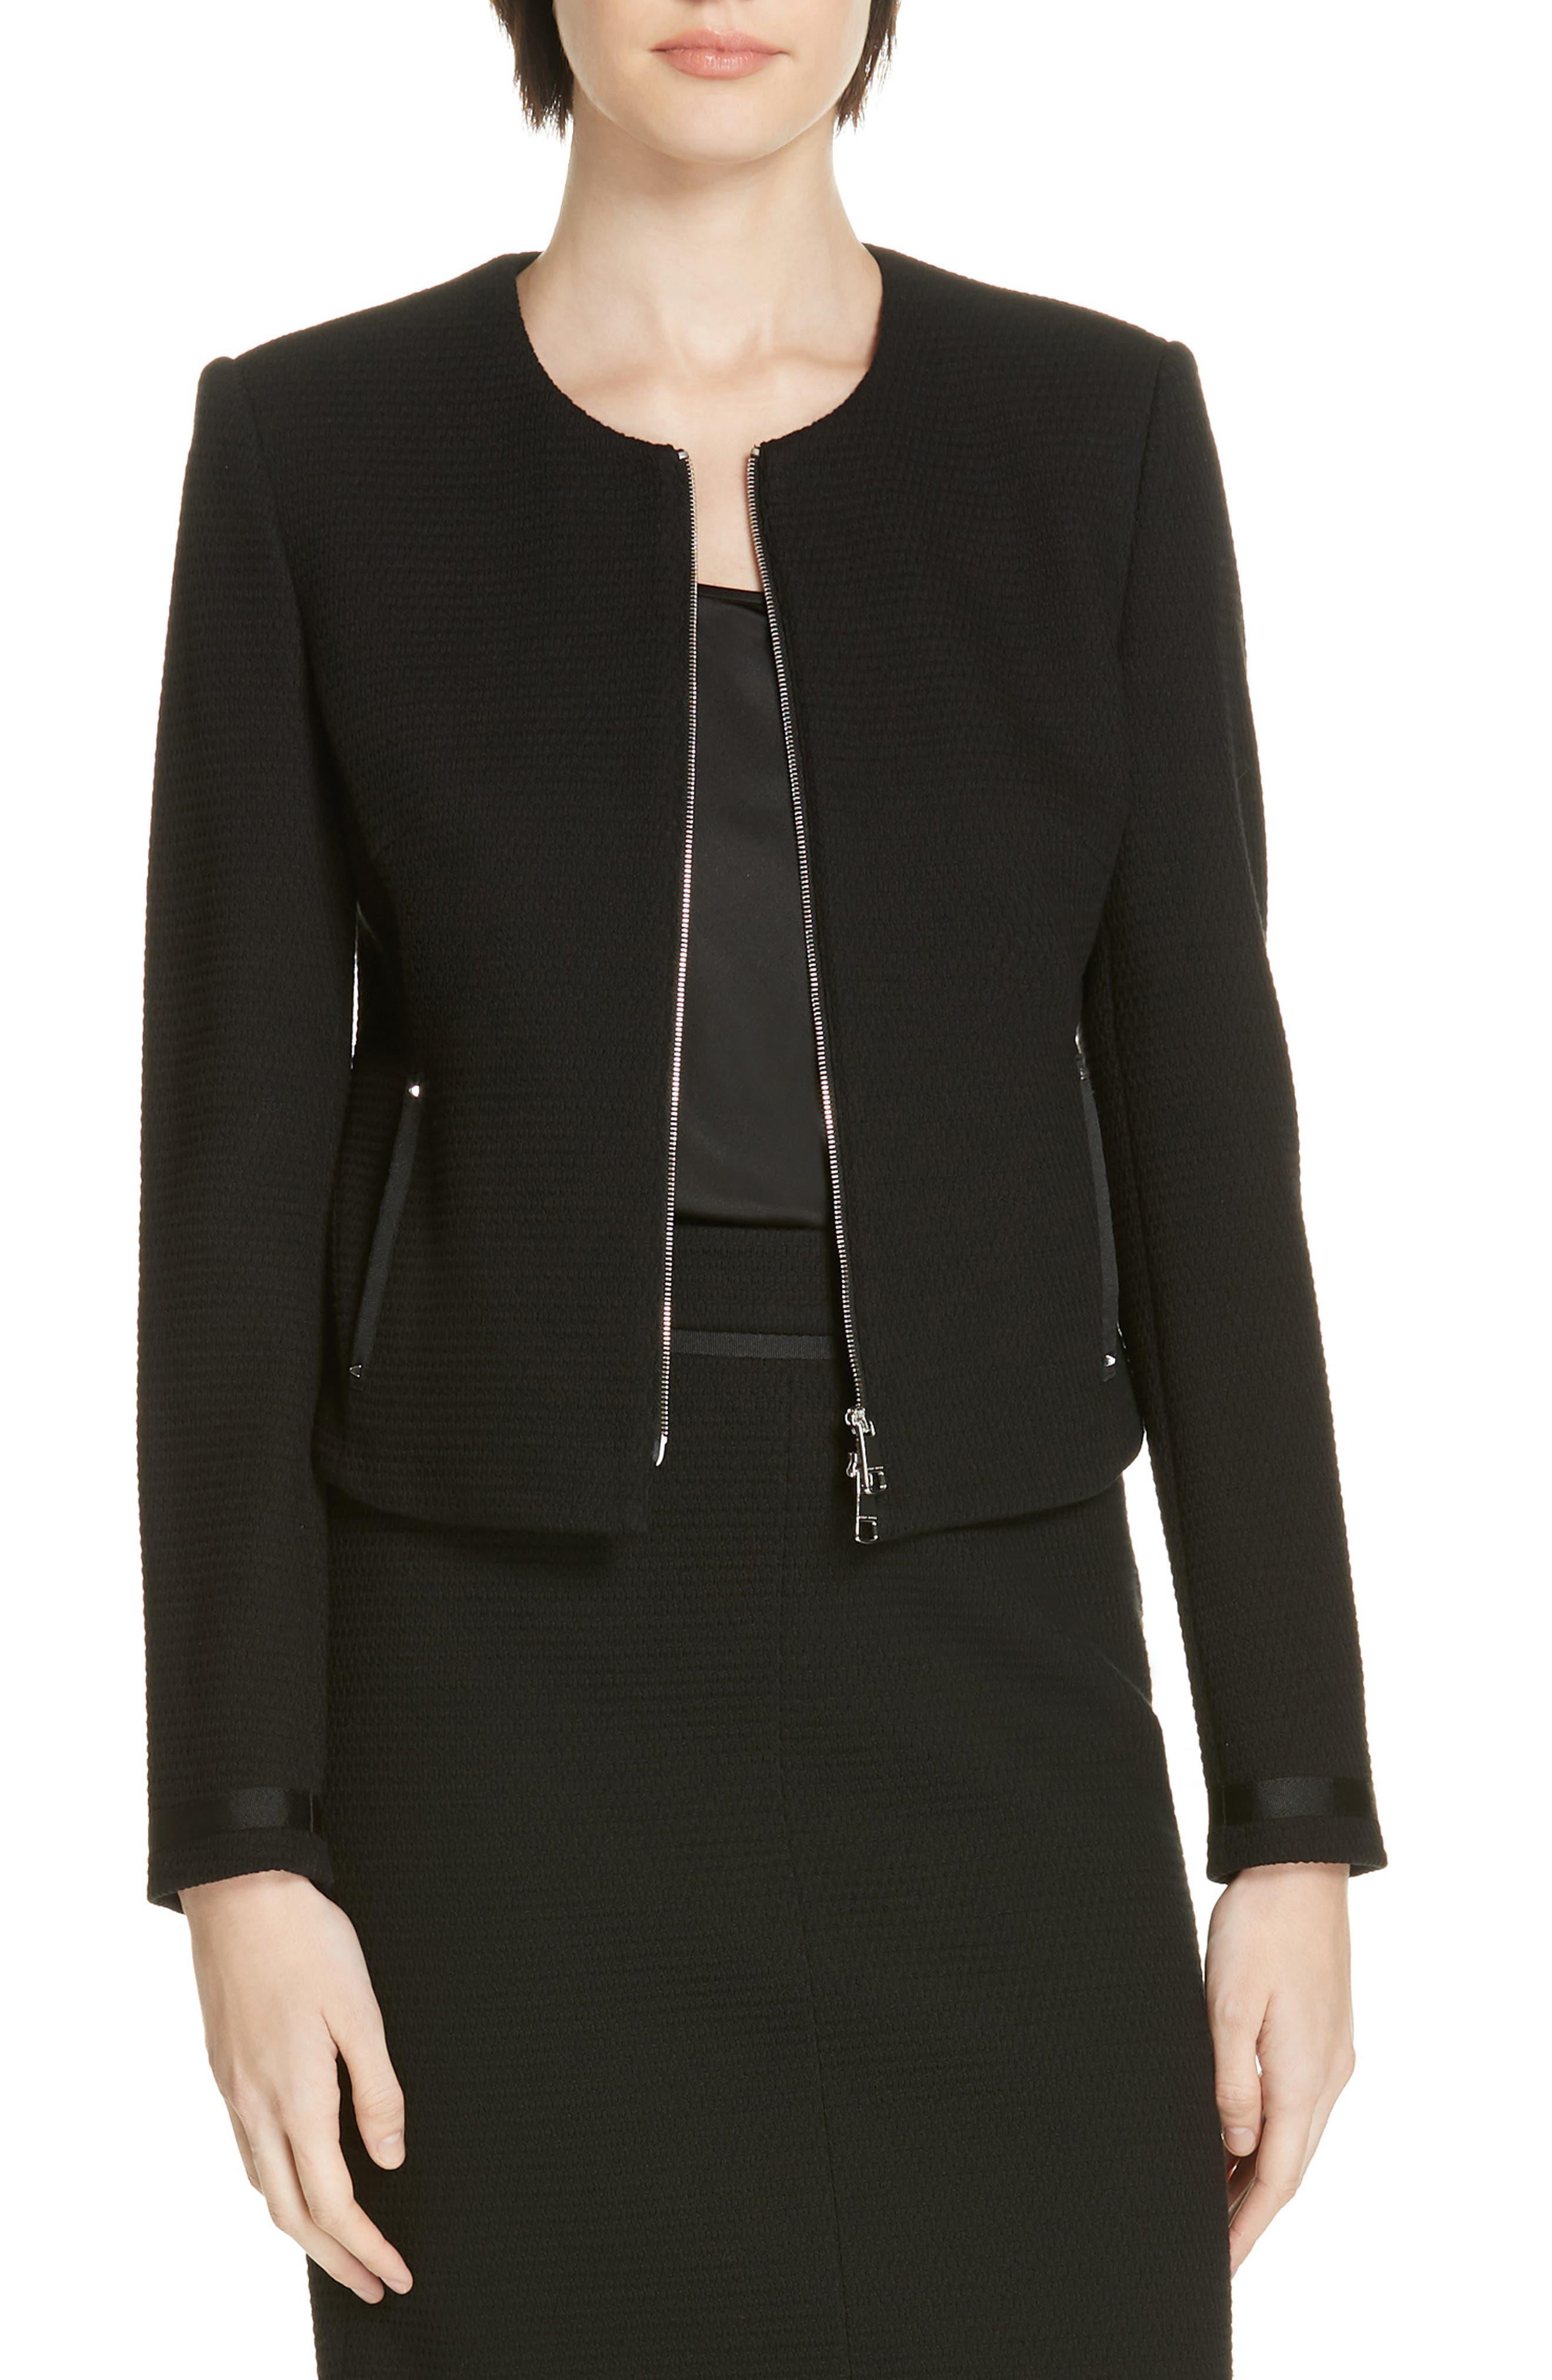 Kemio Textured Jersey Suit Jacket,                         Main,                         color, BLACK